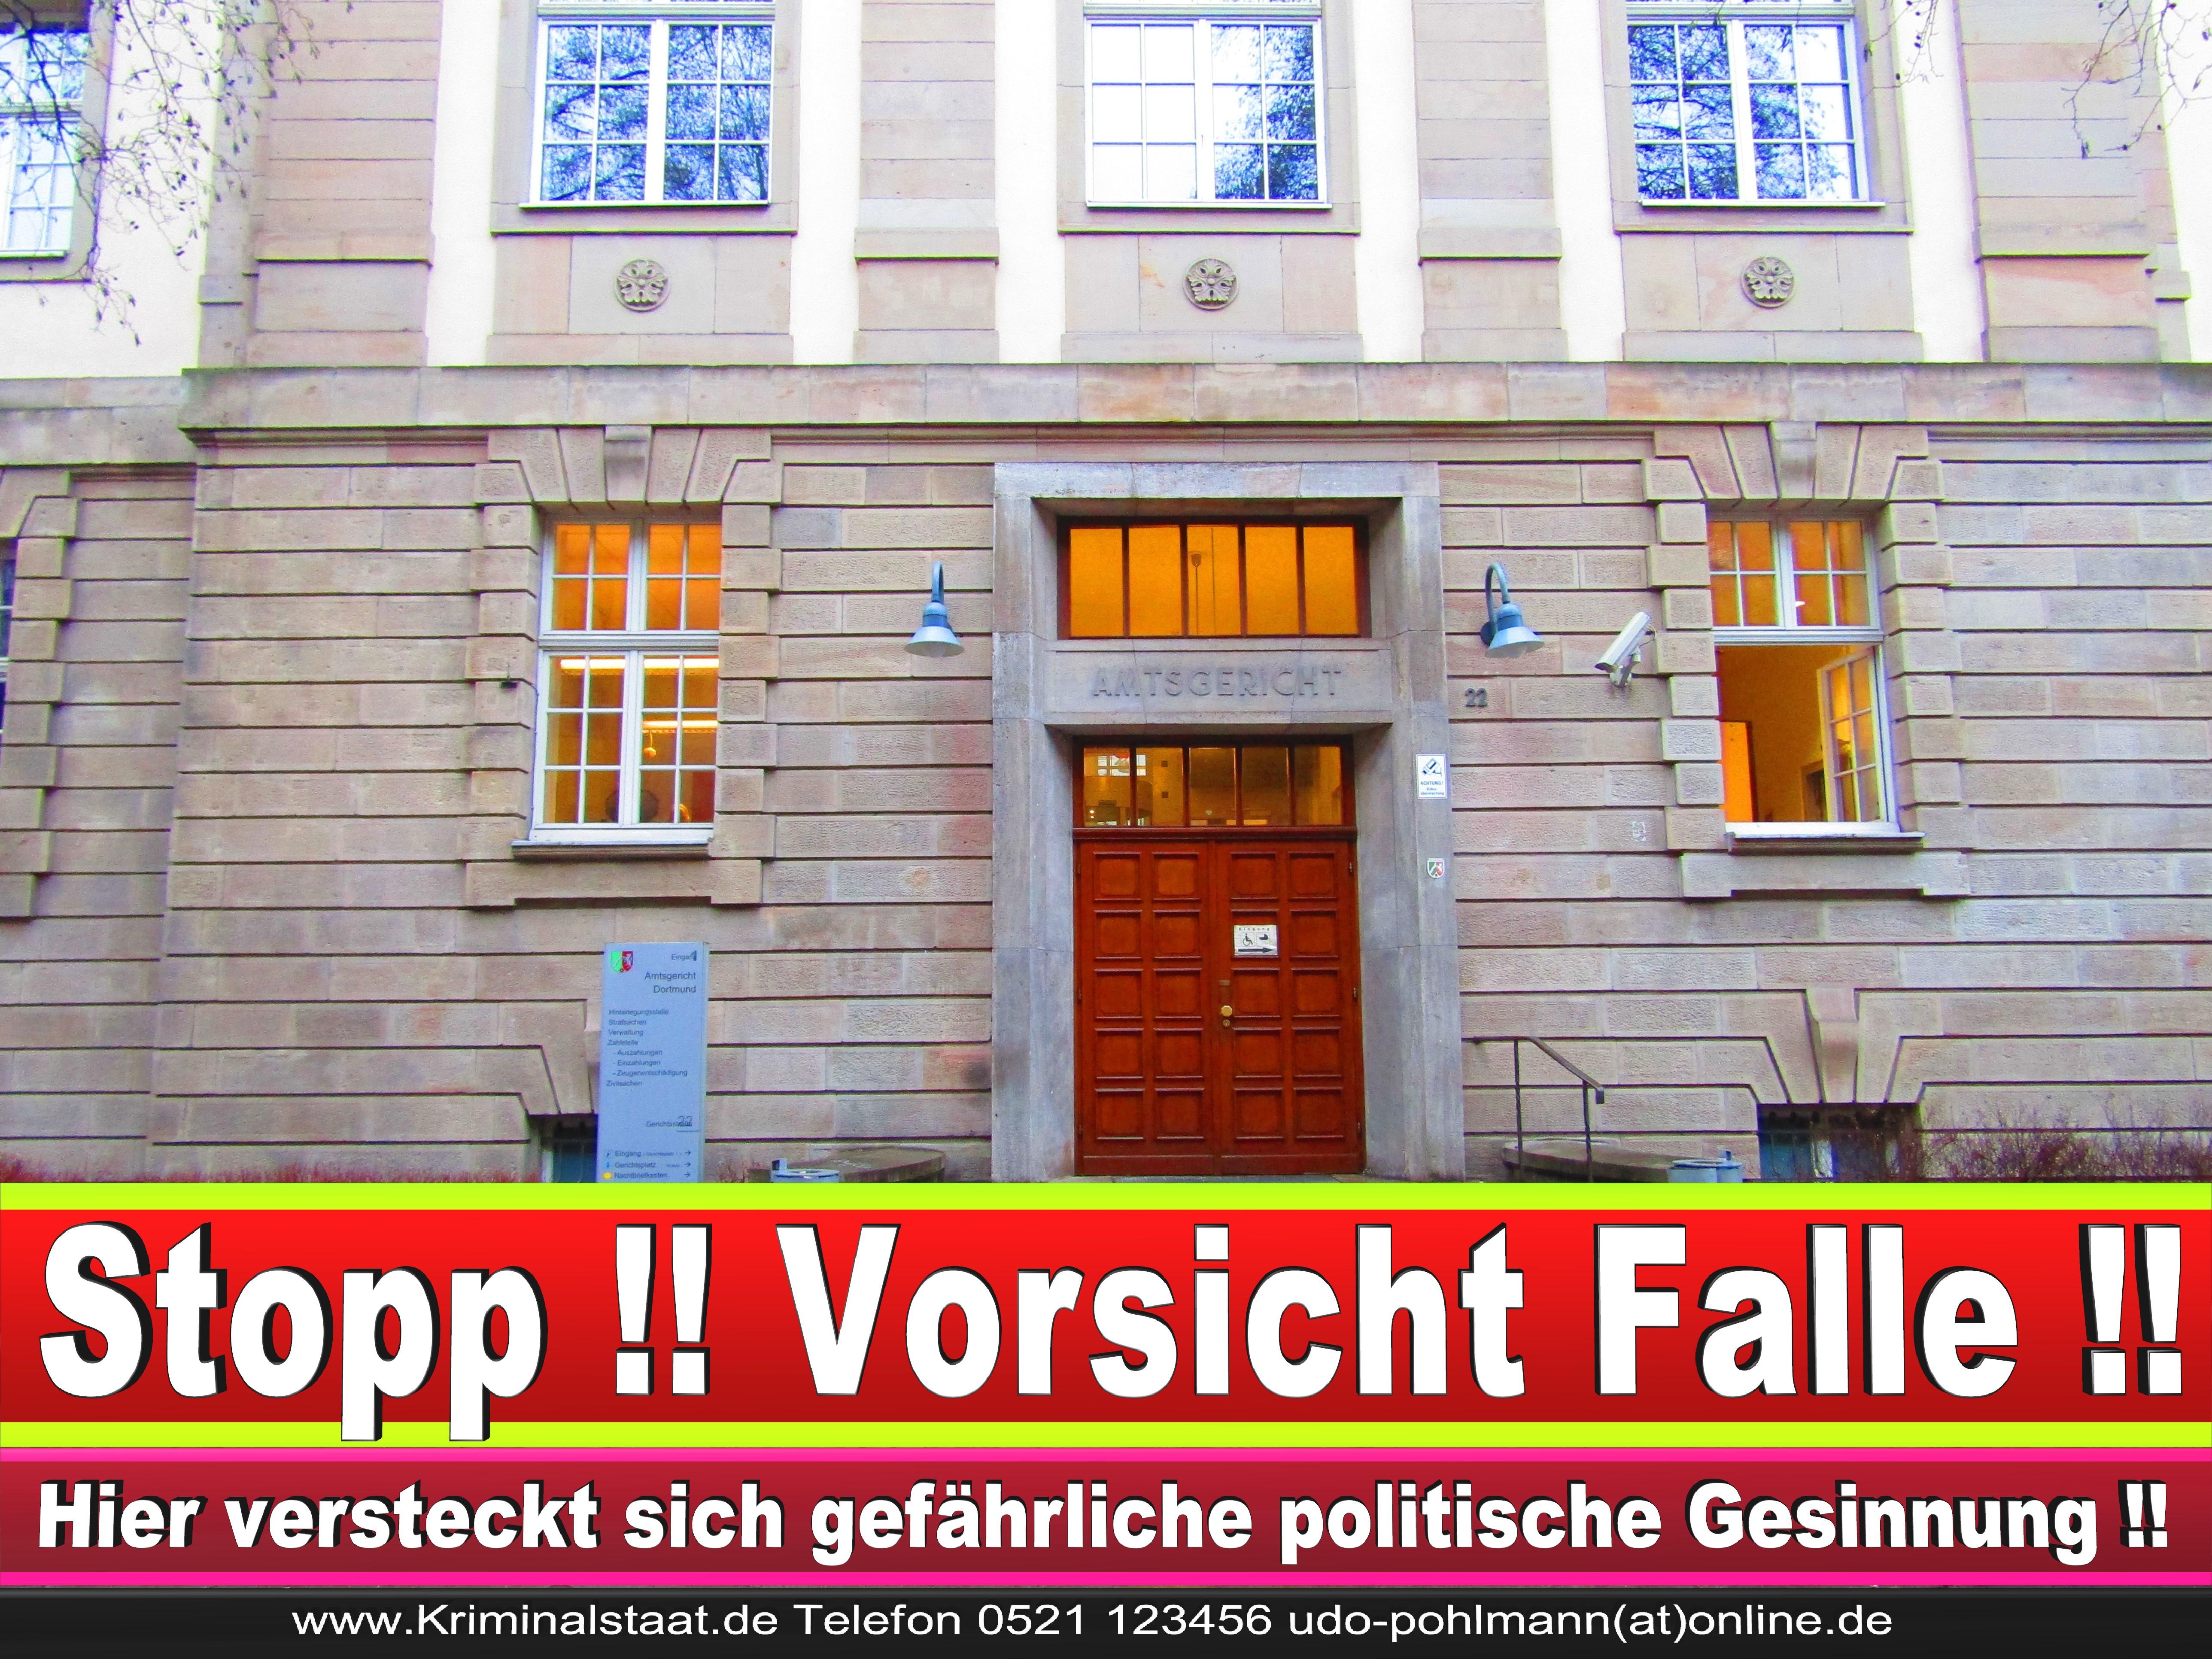 AMTSGERICHT DORTMUND RICHTER AUSBILDUNG PRAKTIKUM ANFAHRT URTEILE KORRUPTION POLIZEI ADRESSE DIREKTOR (2) 1 1